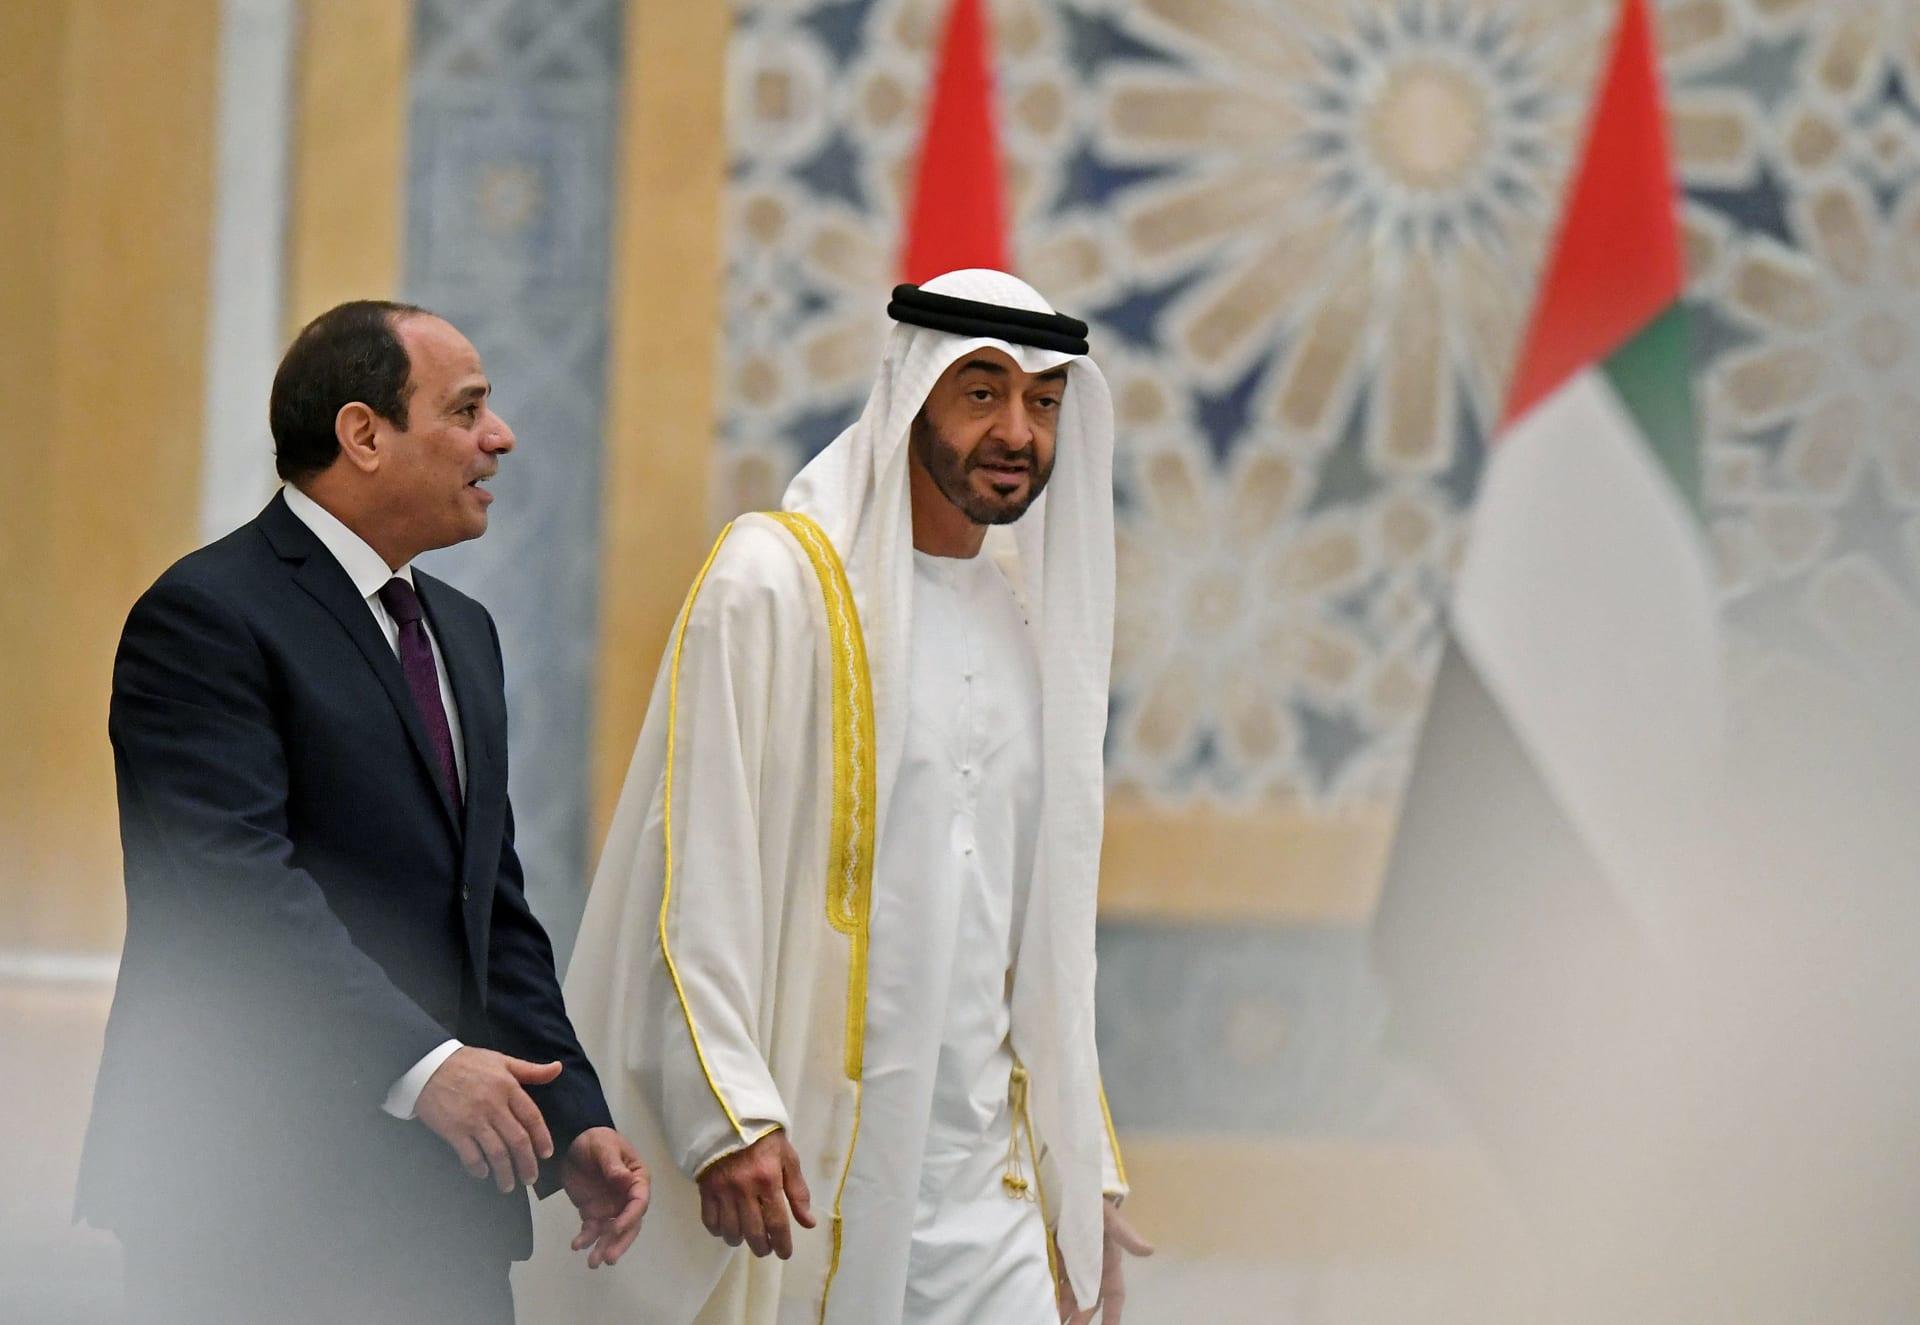 السيسي ومحمد بن زايد يبحثان ملف سد النهضة وجهود تسوية أزمات المنطقة